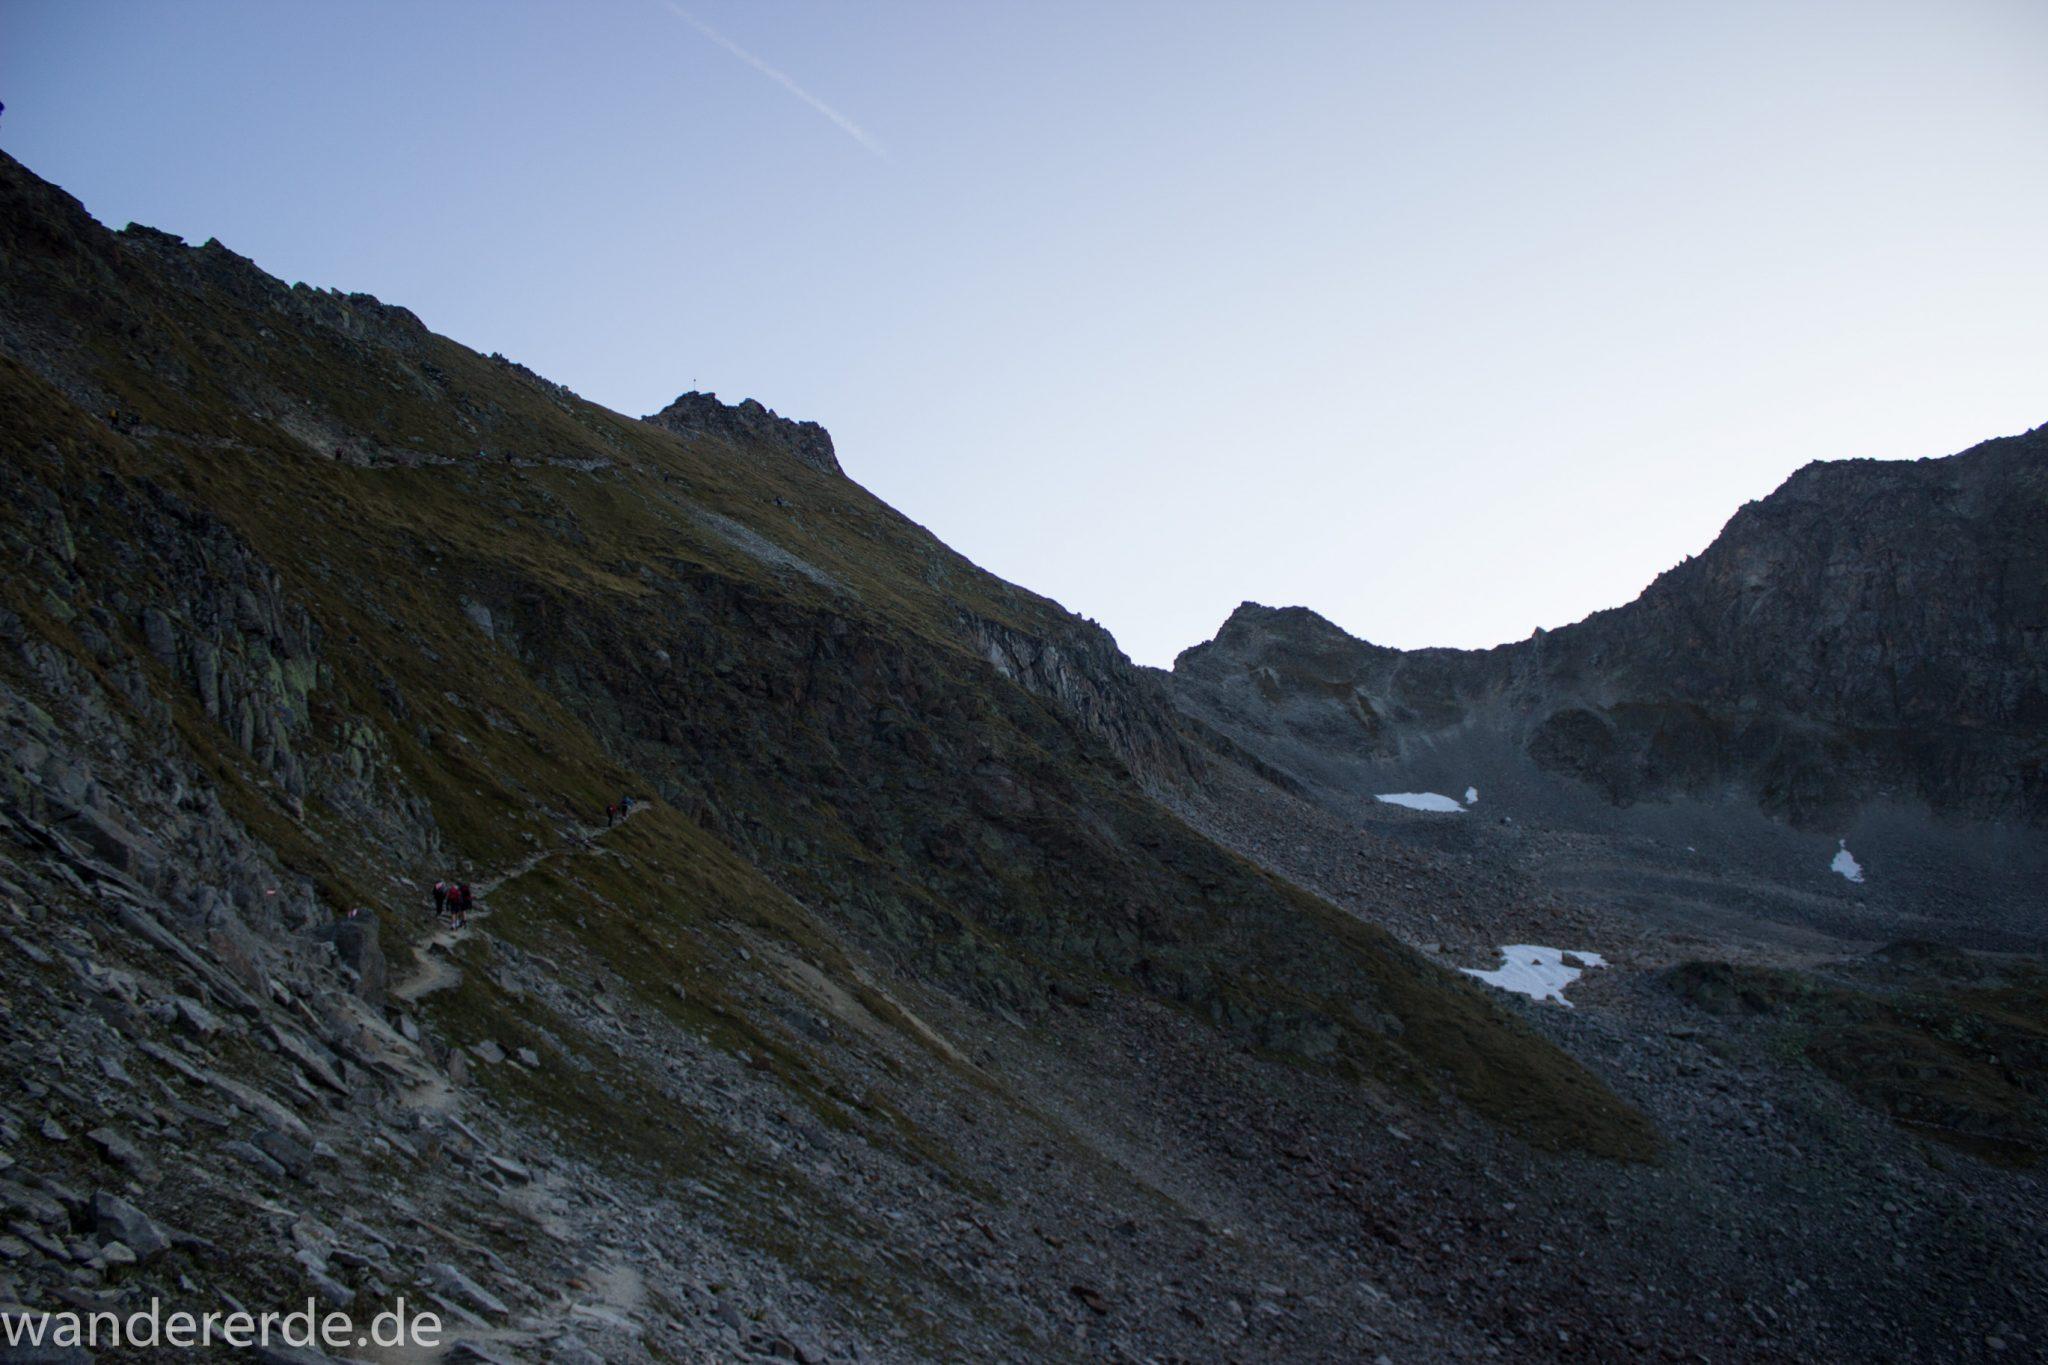 Alpenüberquerung Fernwanderweg E5 Oberstdorf Meran, 5. Etappe von Braunschweiger Hütte zur Martin-Busch-Hütte, zu Beginn der 5. Etappe Blick auf Wanderer unterwegs auf steilem und schmalem Wanderweg mit viel Geröll hinauf zum Pitztaler Jöchl, beeindruckende Berge türmen sich vor einem auf, Reste von Schneefeldern